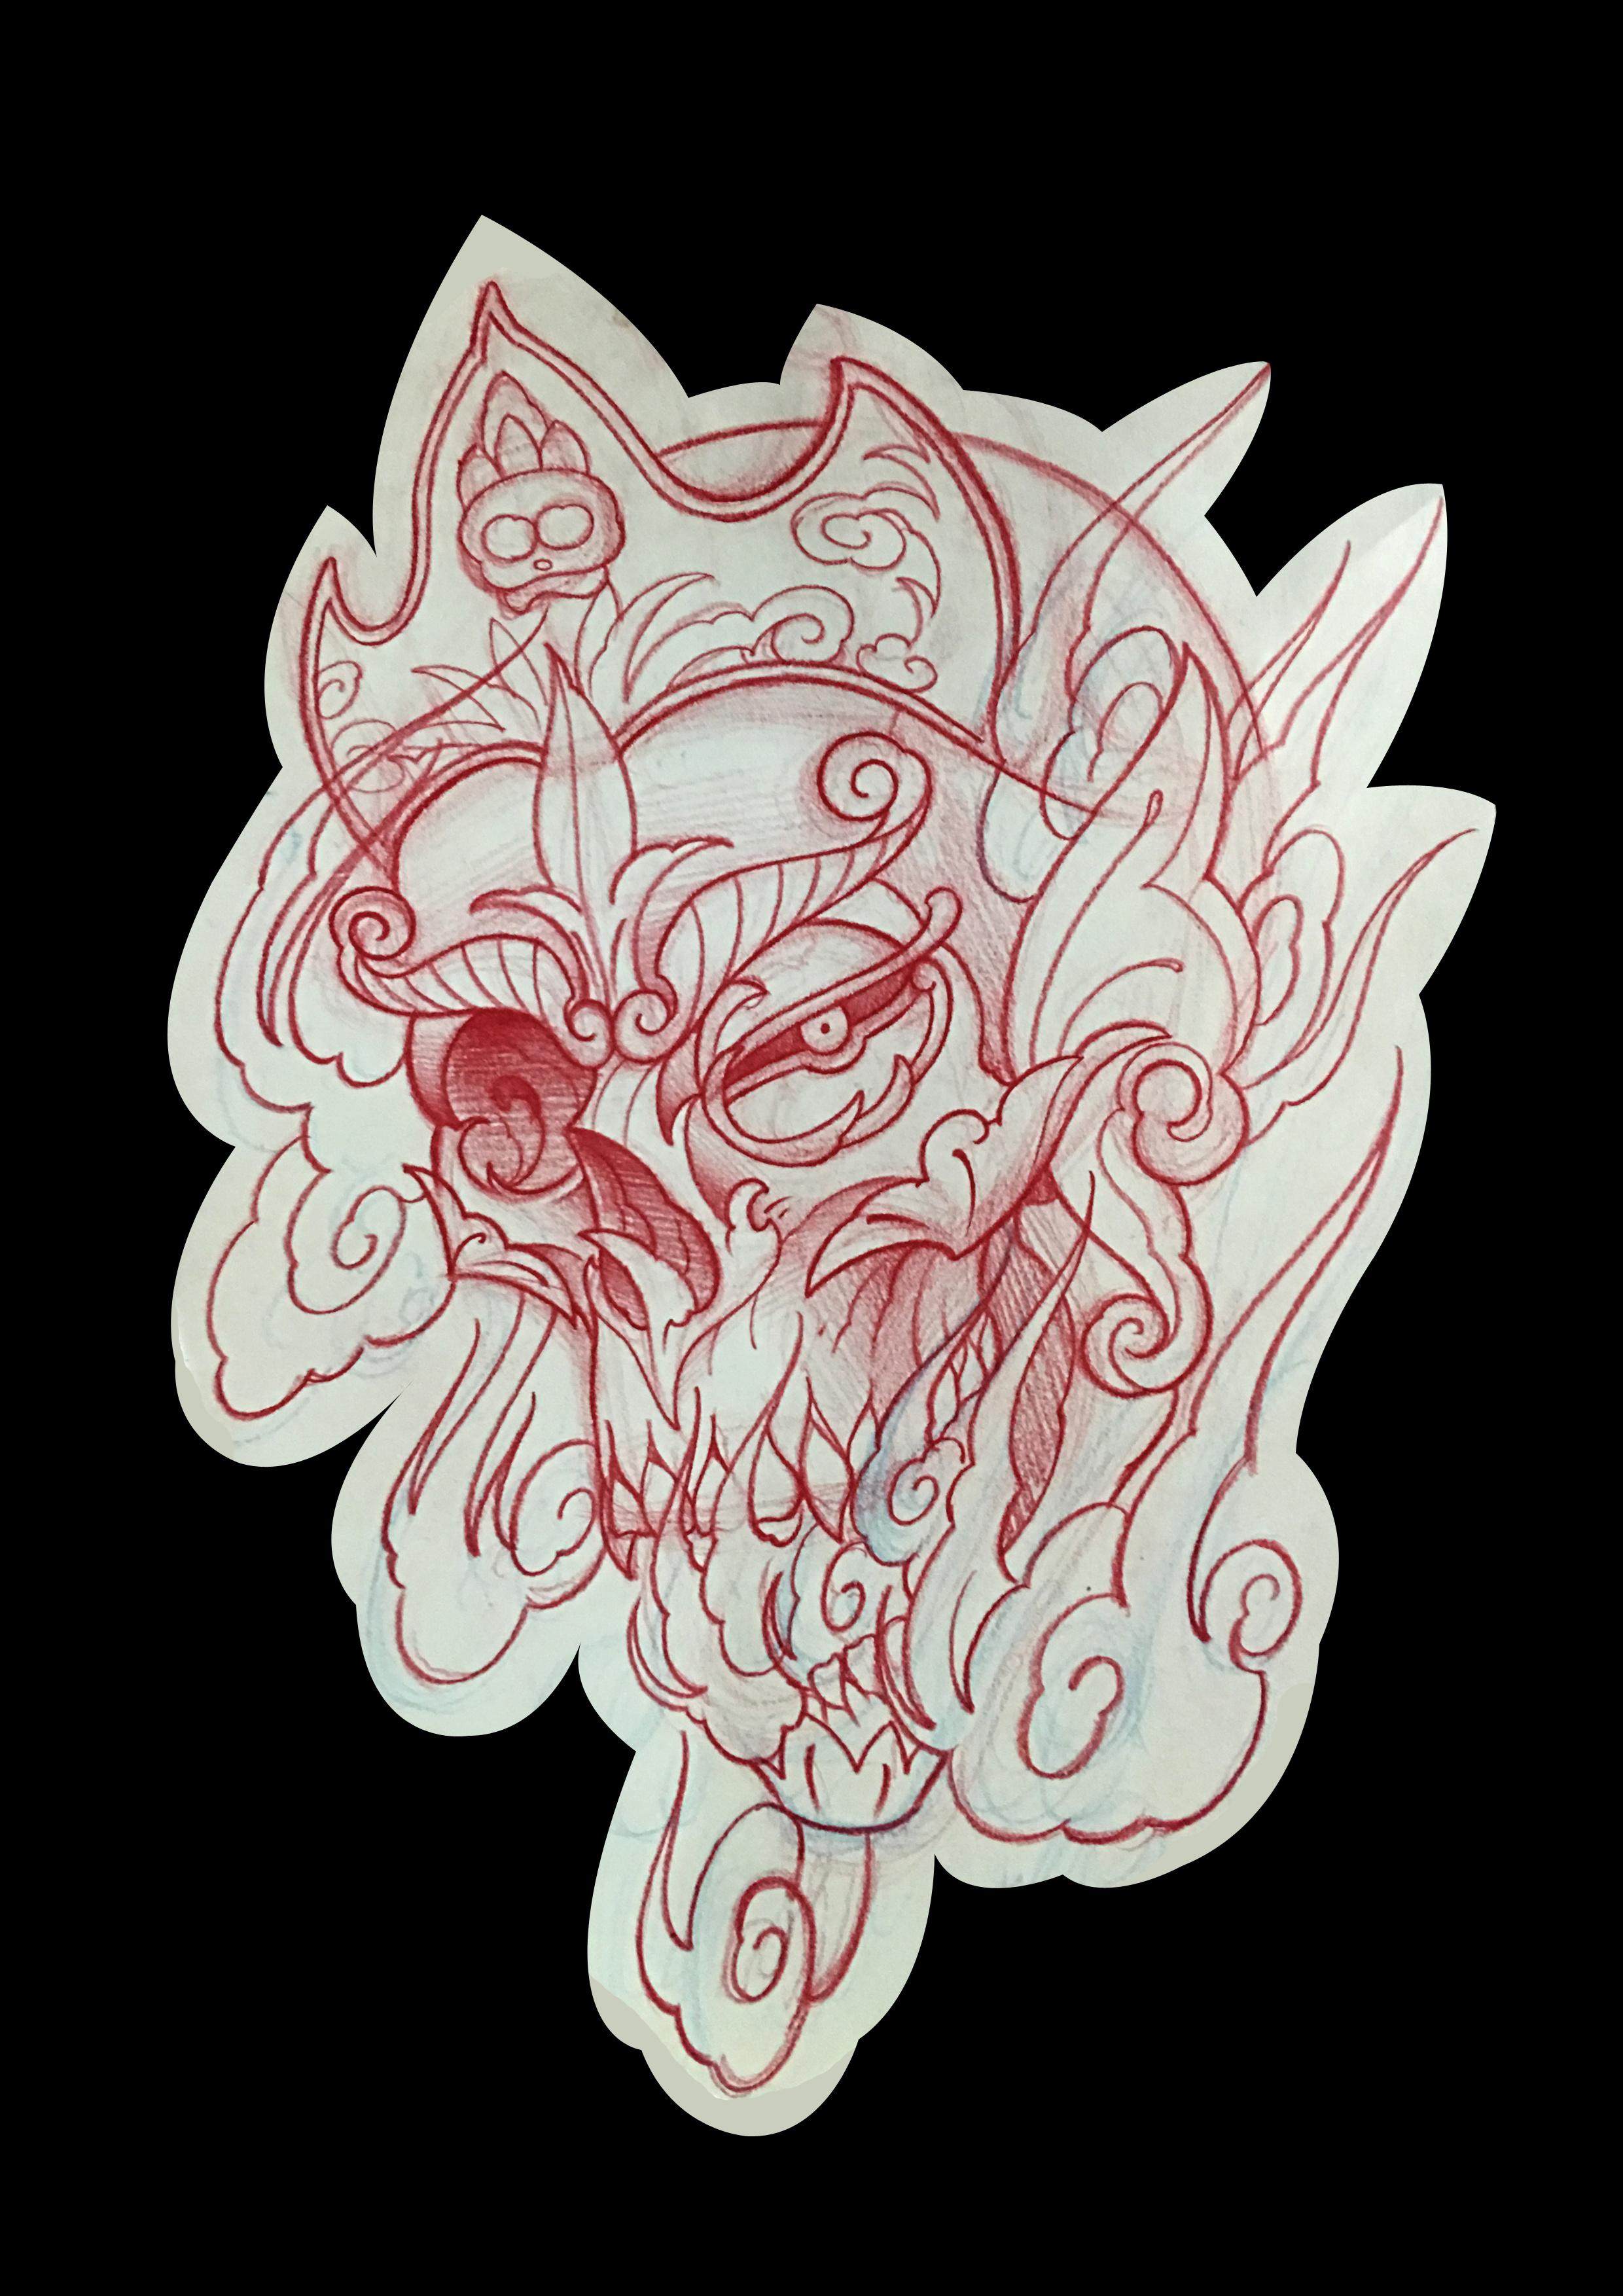 纹身原创手稿